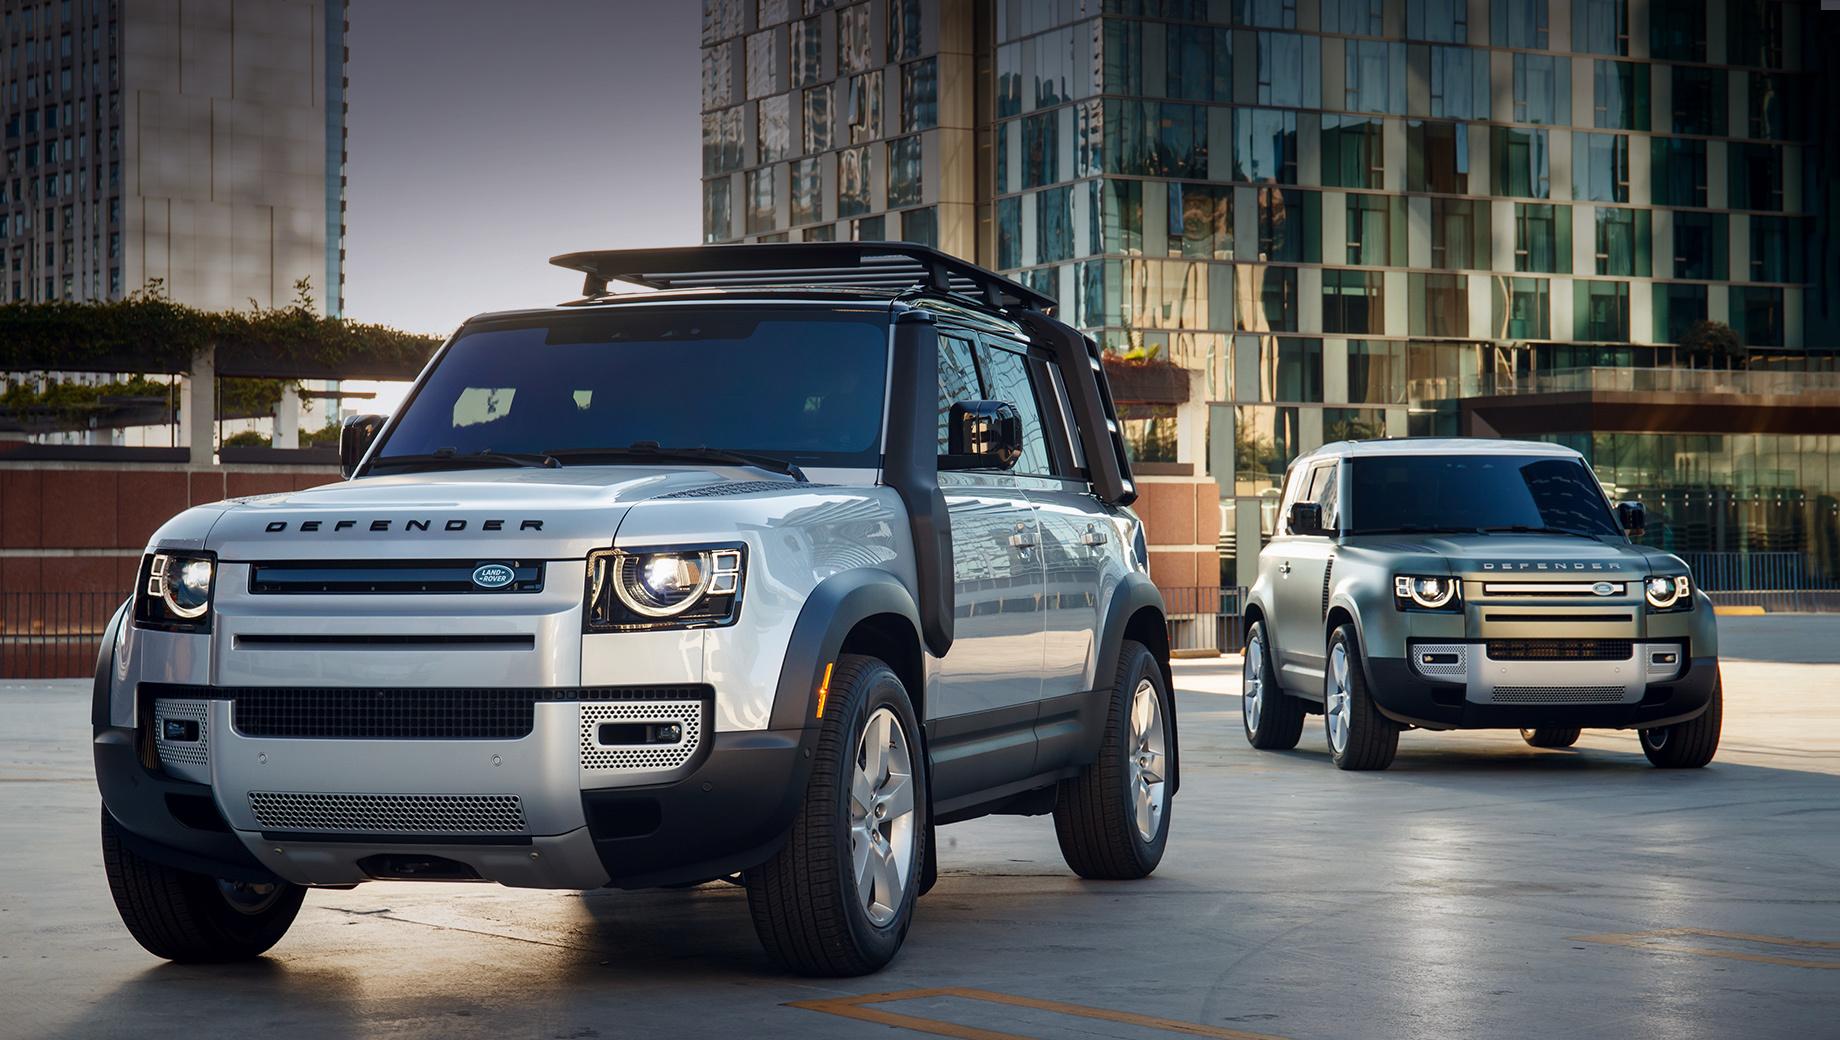 Land rover defender. Российских цен ещё нет. Одобрение типа транспортного средства (ОТТС) также пока не опубликовано. Ждём обе версии ― пятидверный Land Rover Defender 110 и трёхдверный Defender 90. Индексы стали условностью: даже у «коротышки» колёсная база почти 102 дюйма (2587 мм).